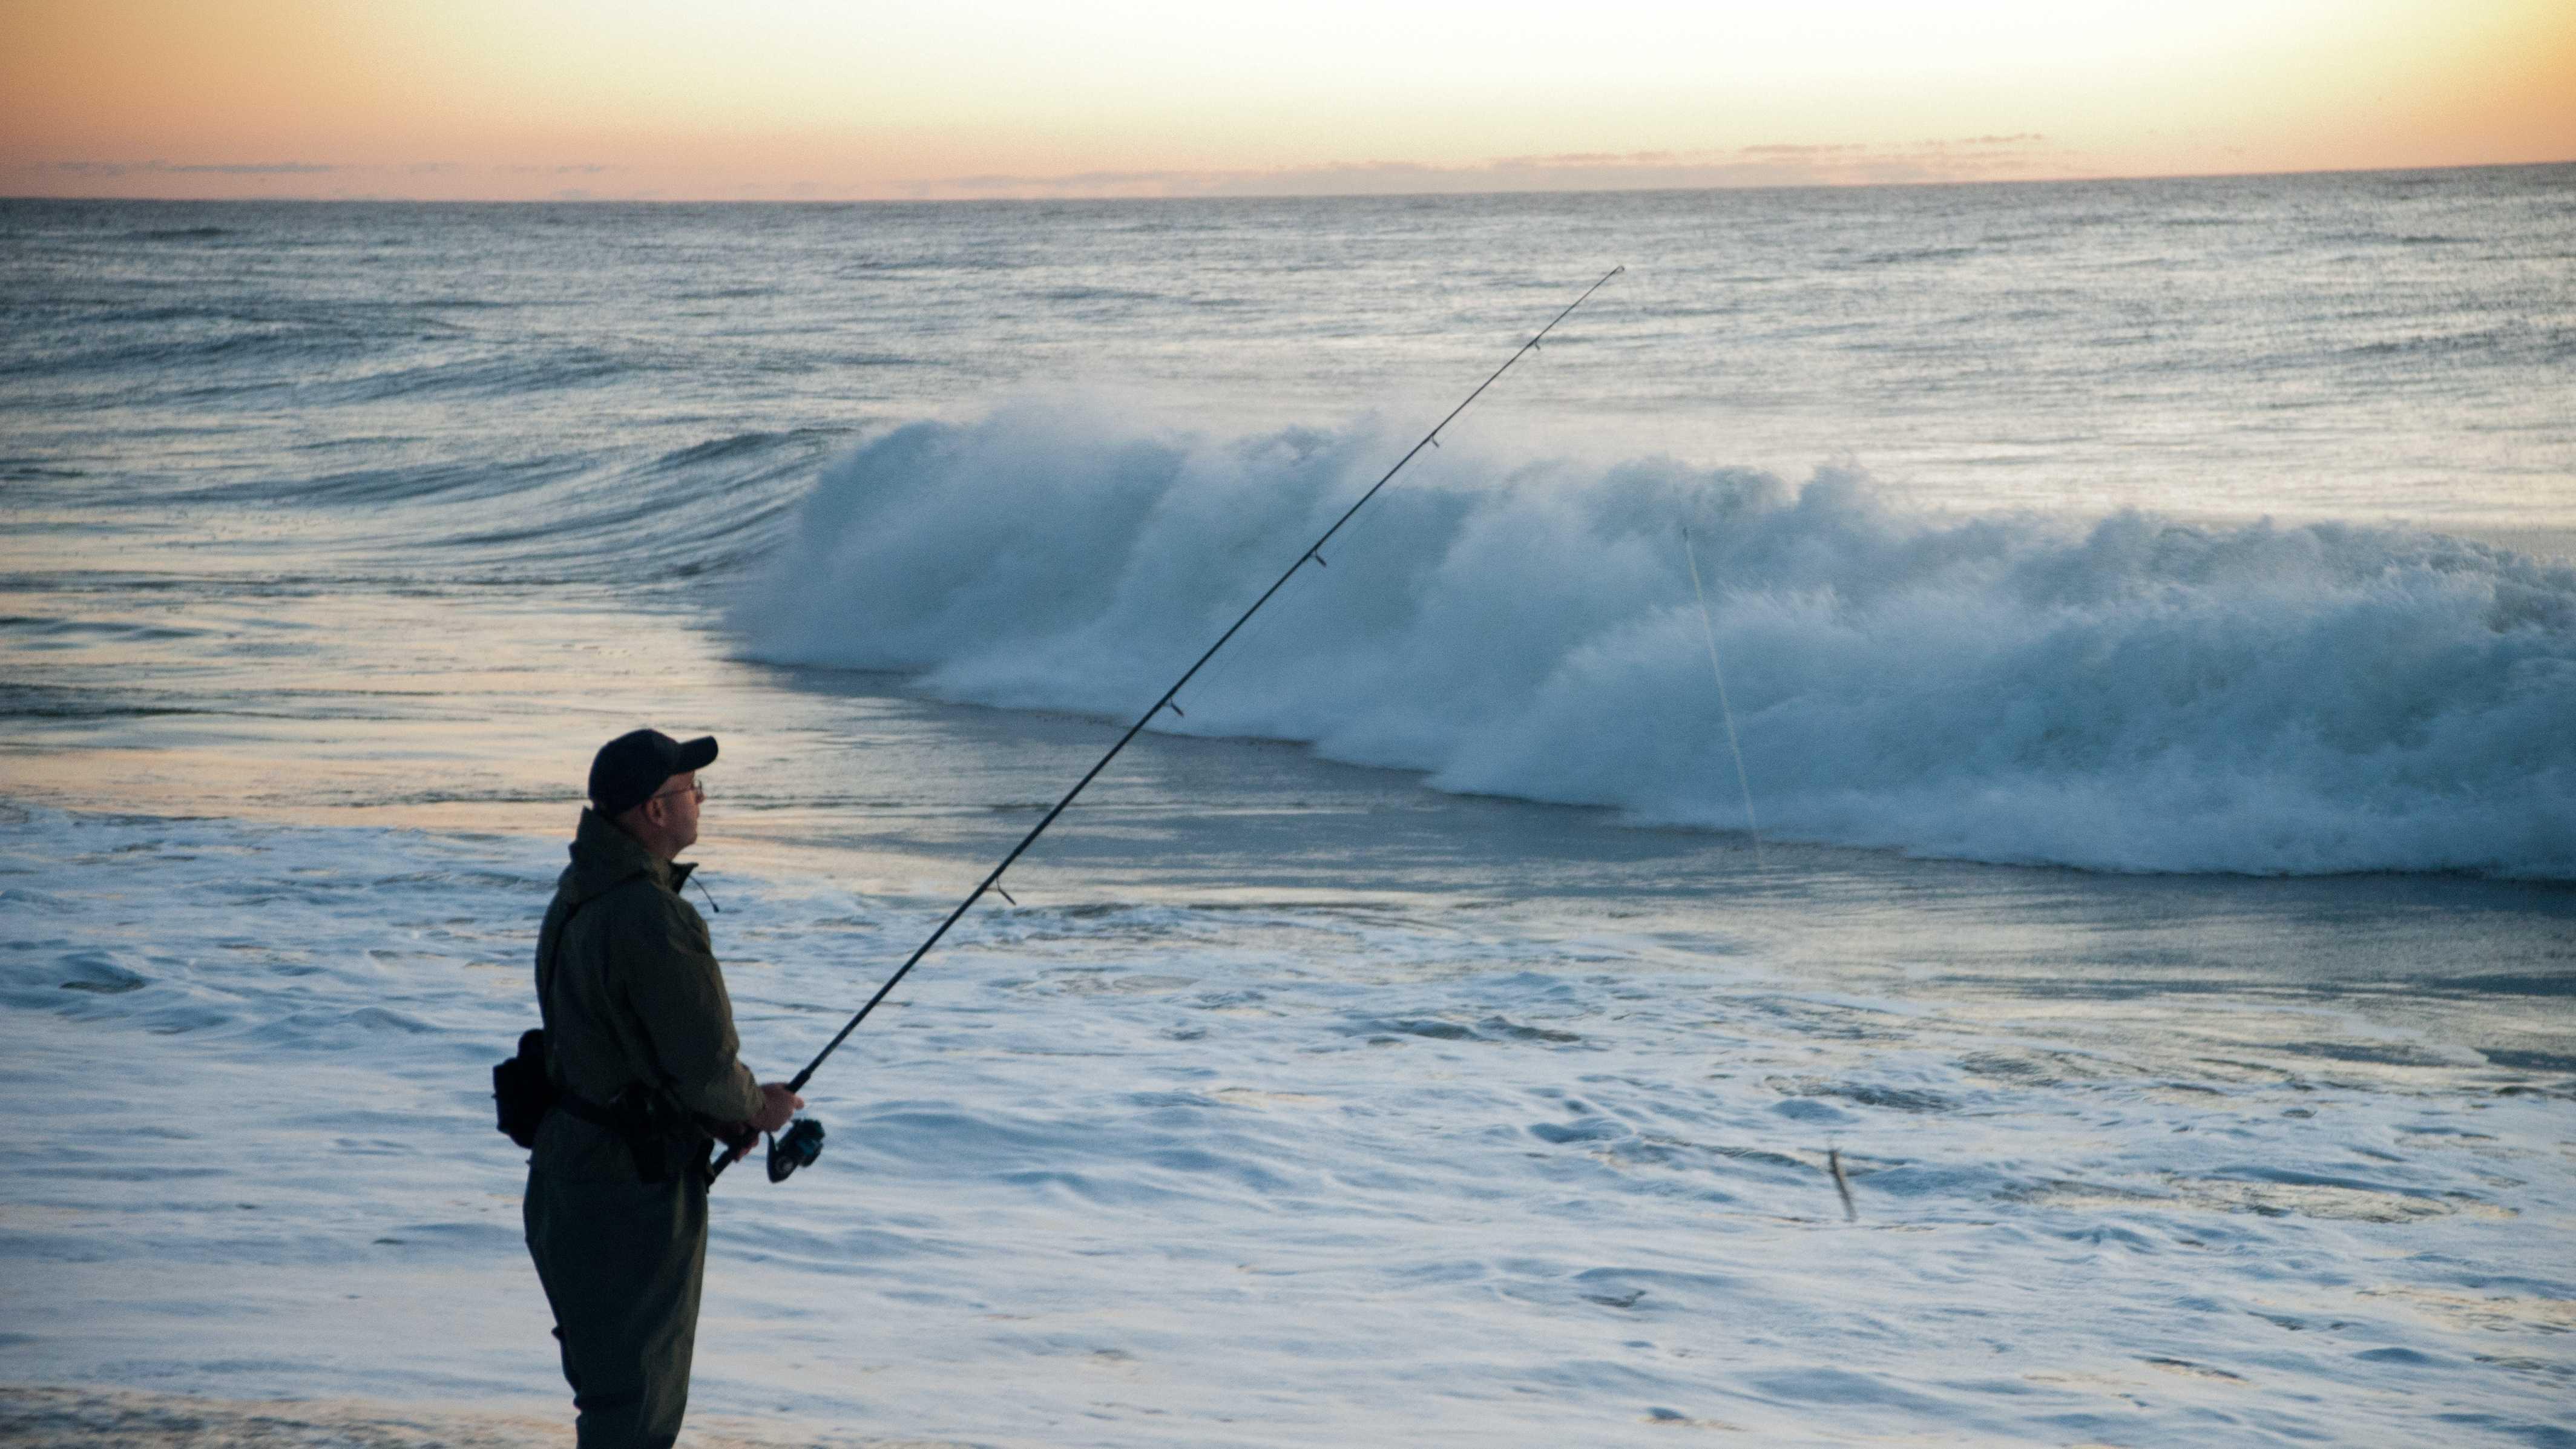 Beach, fishing